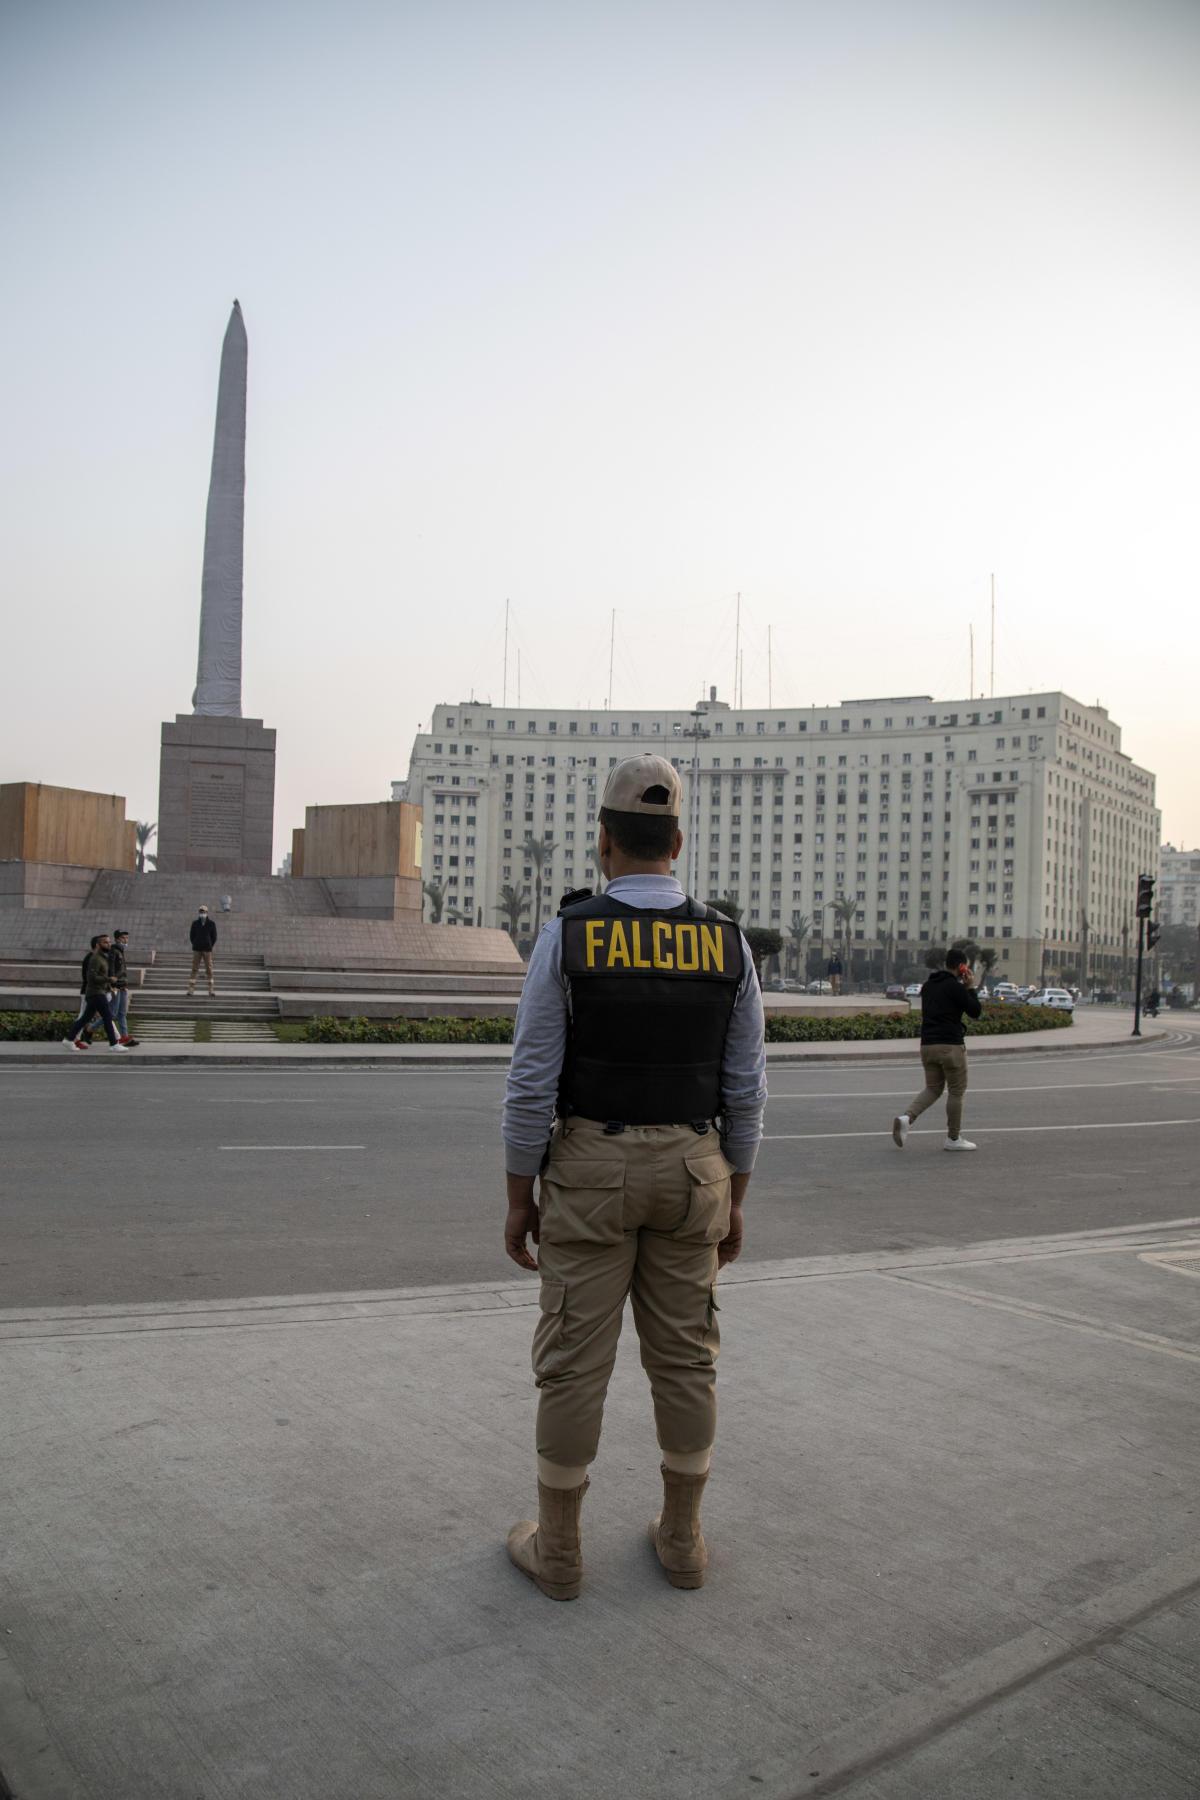 شرکت امنیتی خصوصی Falcon از میدان تحریر محافظت می کند.  10 ژانویه ، در قاهره.